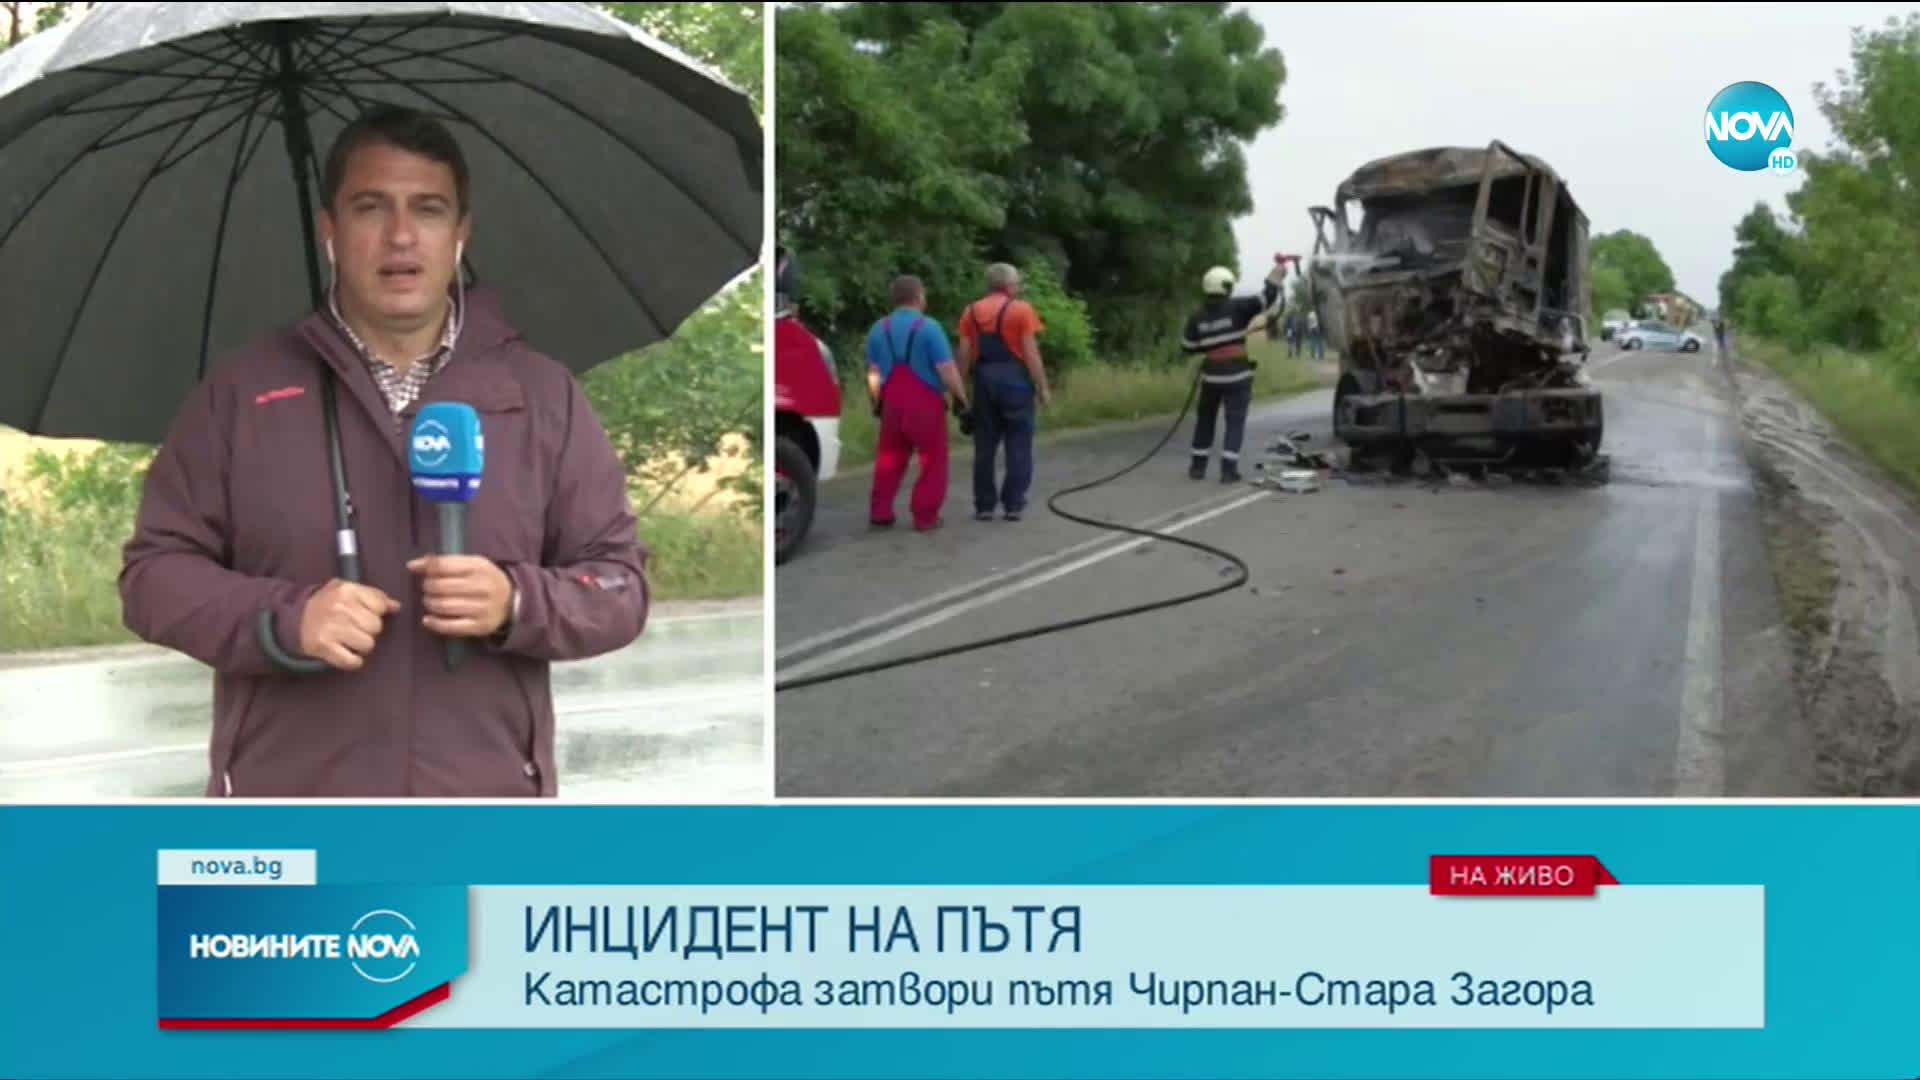 """Катастрофа затвори пътя към морето, отбиват """"Тракия"""" през Димитровград"""